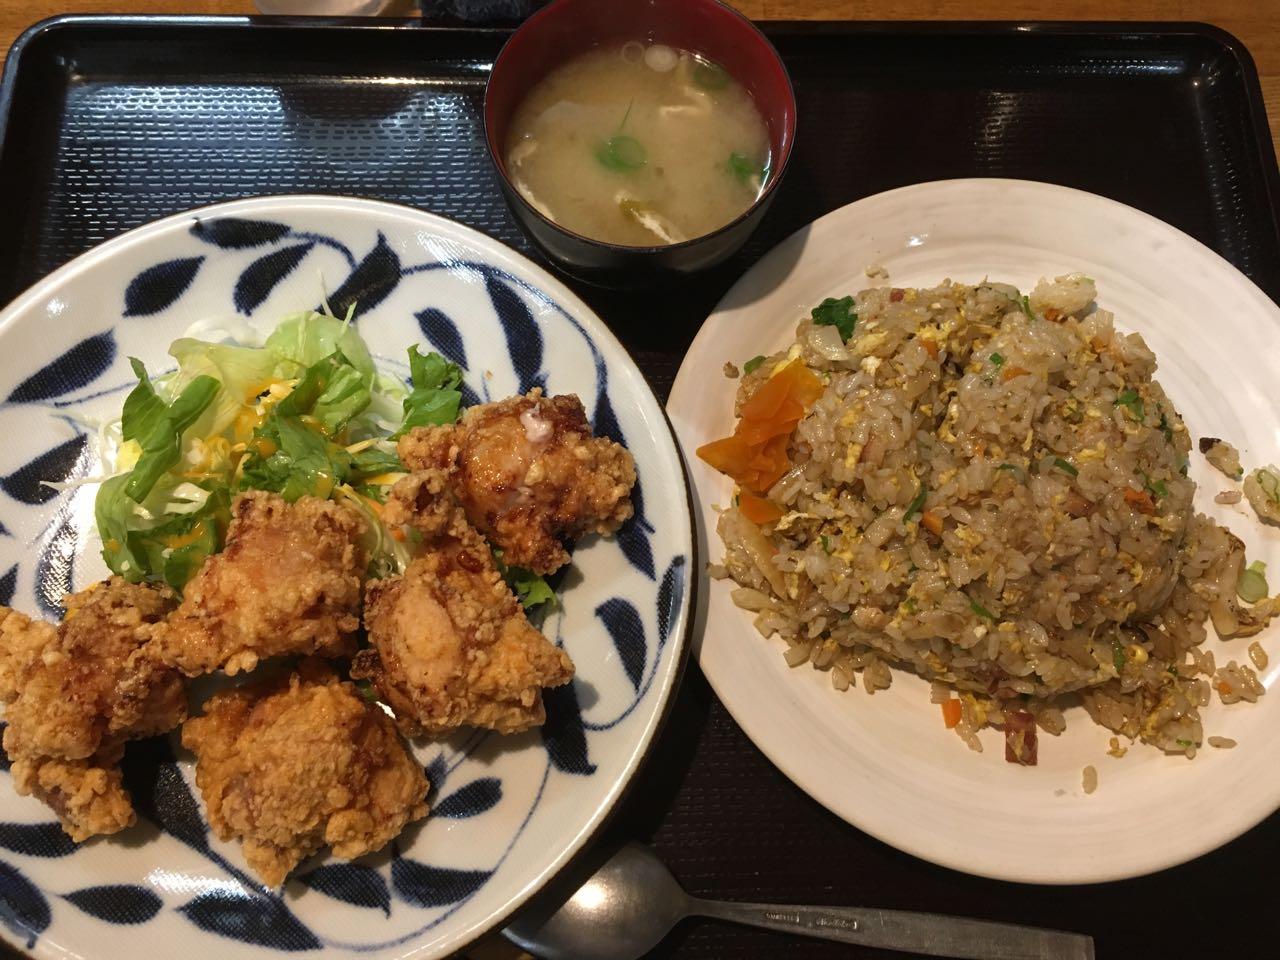 みとん今治,三日月食堂,定食,ランチ,喜田村